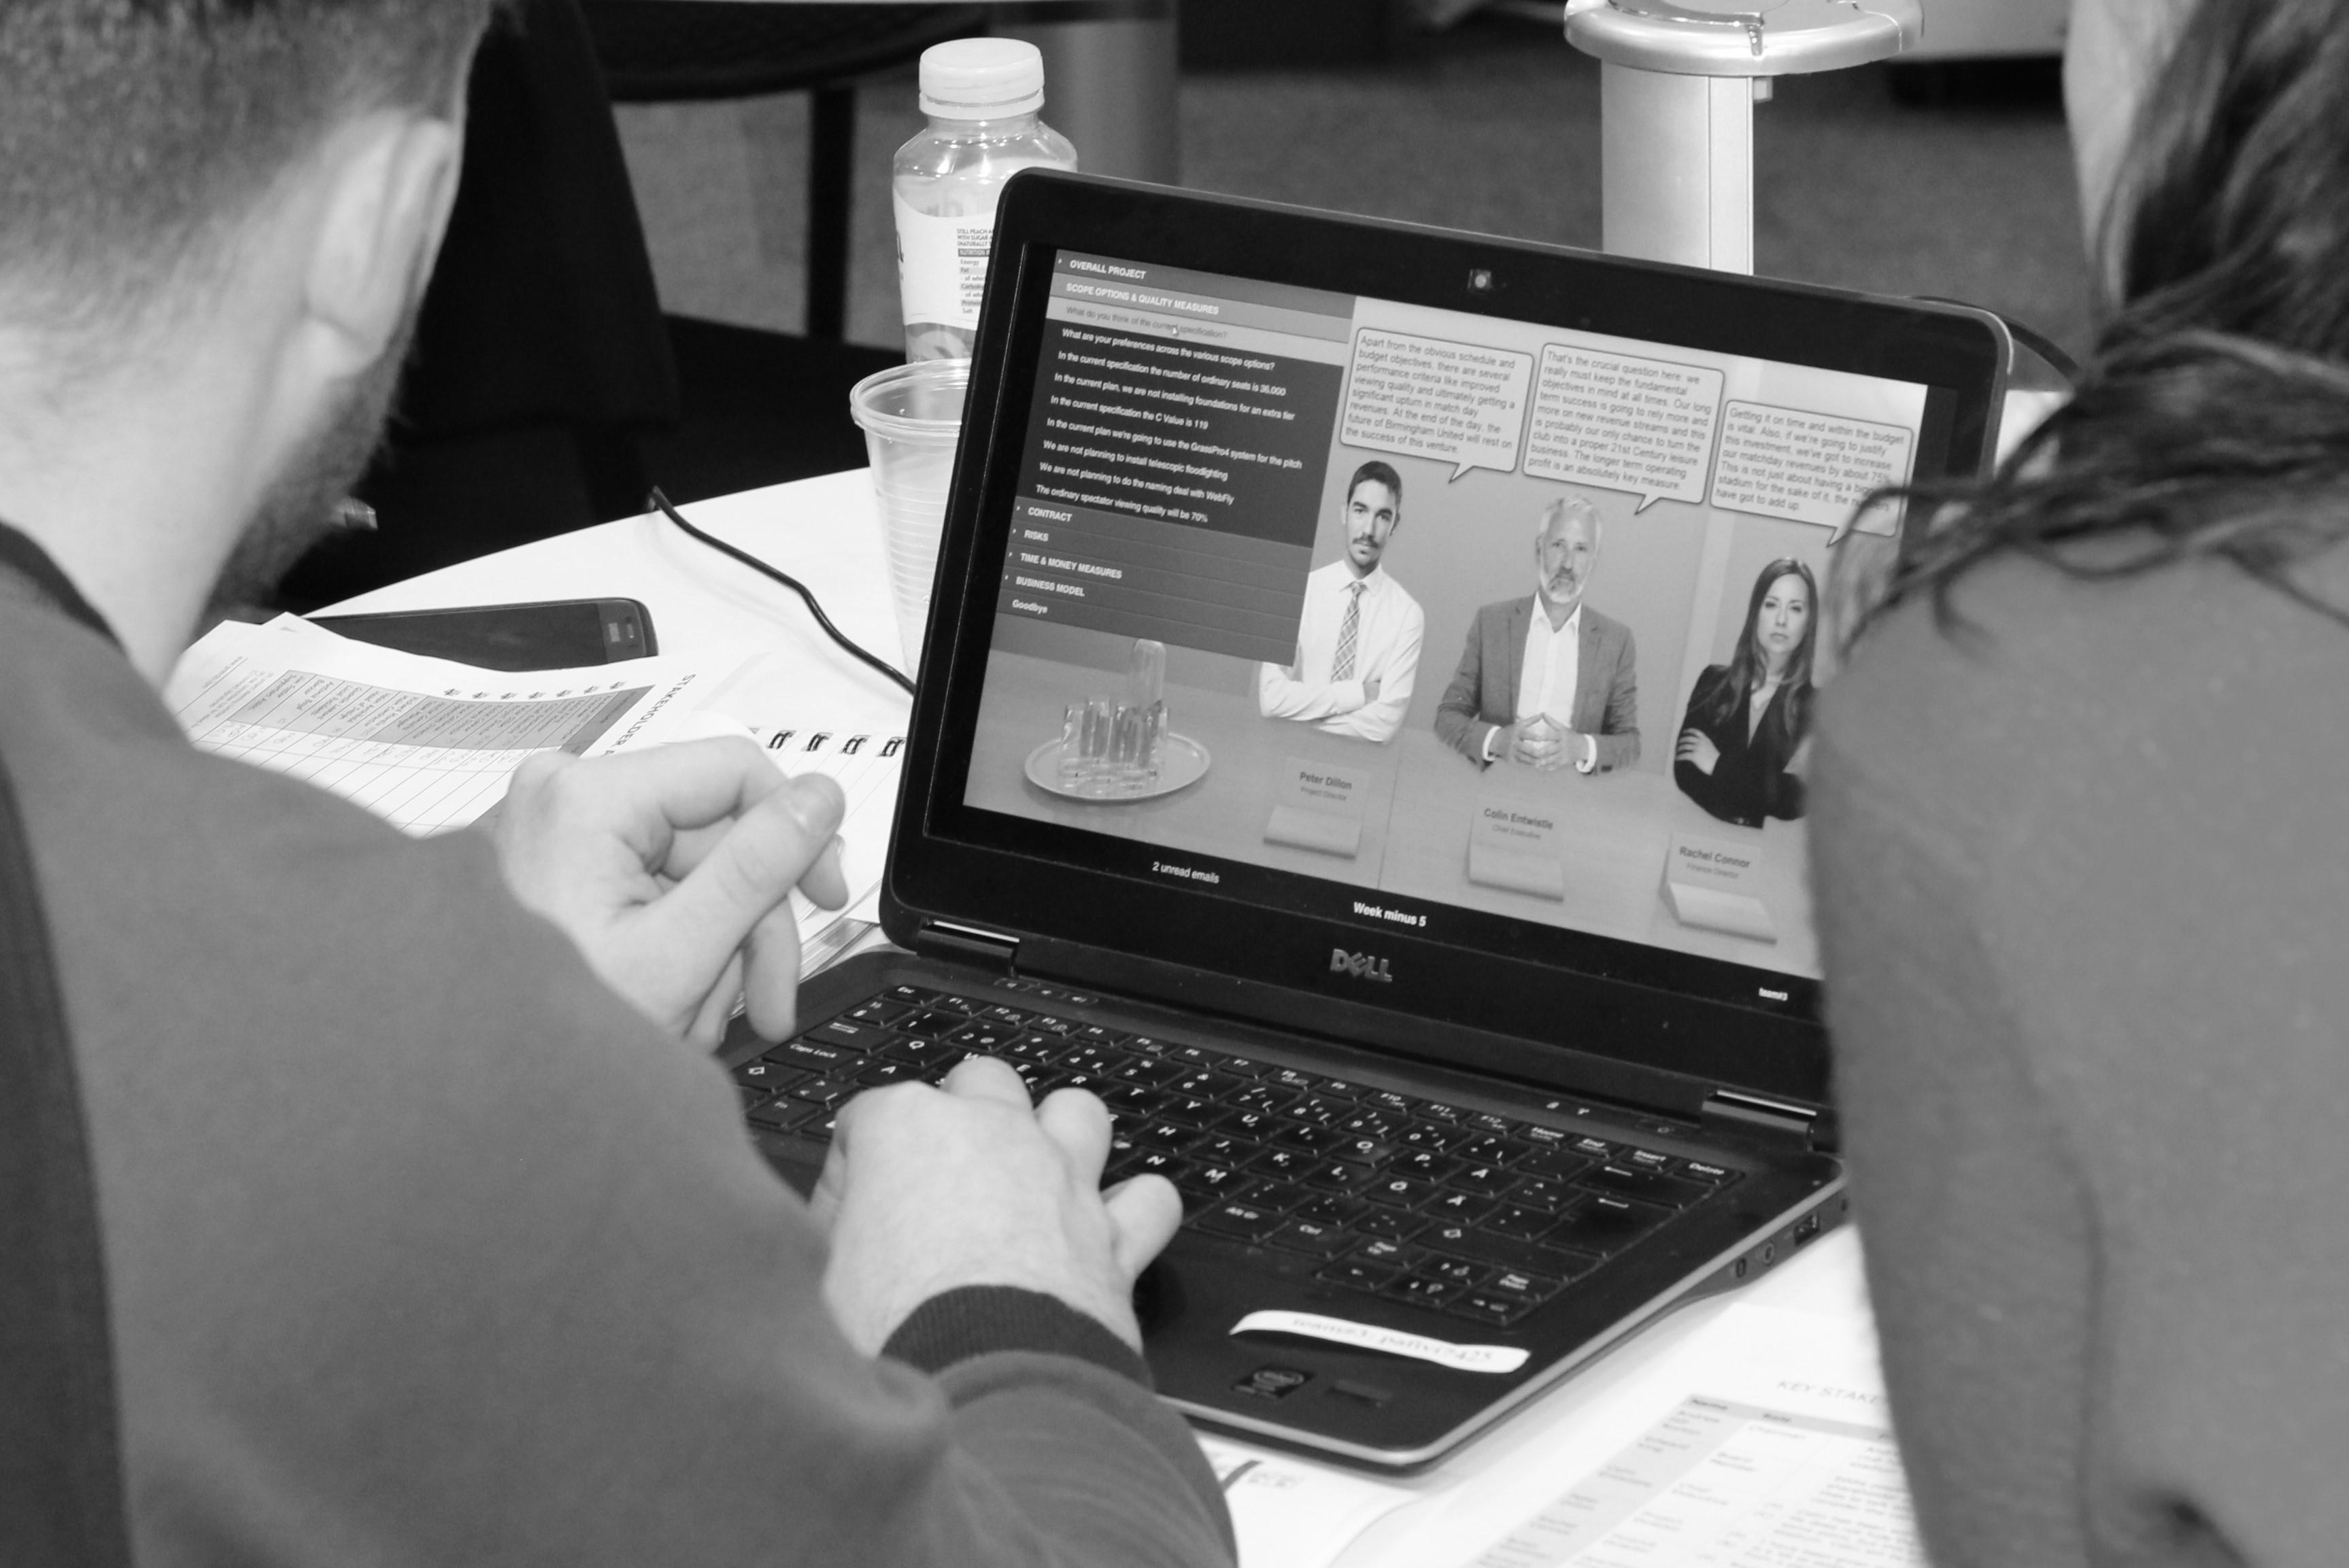 man on laptop image